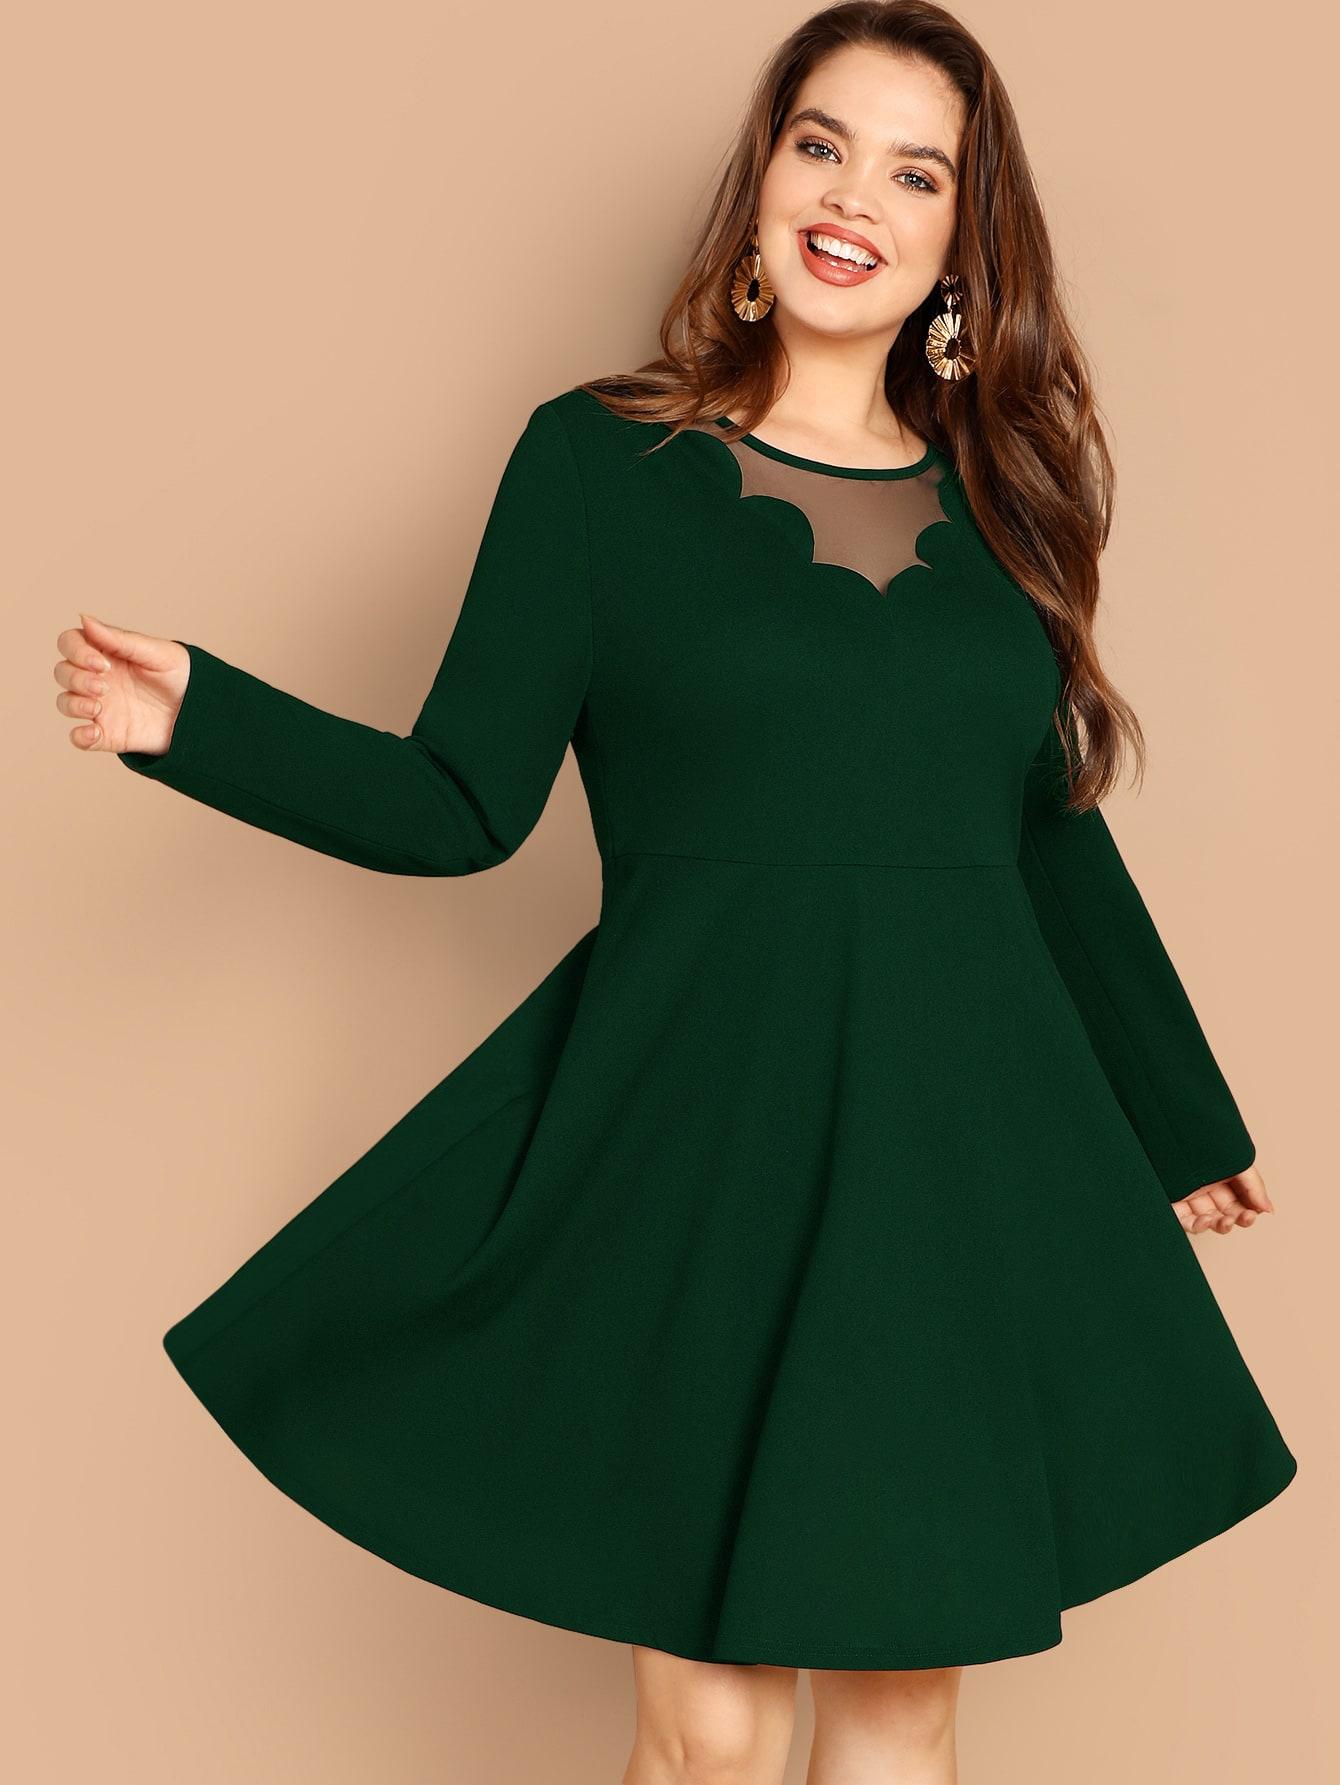 Размер плюс платье со сетчатой вставкой